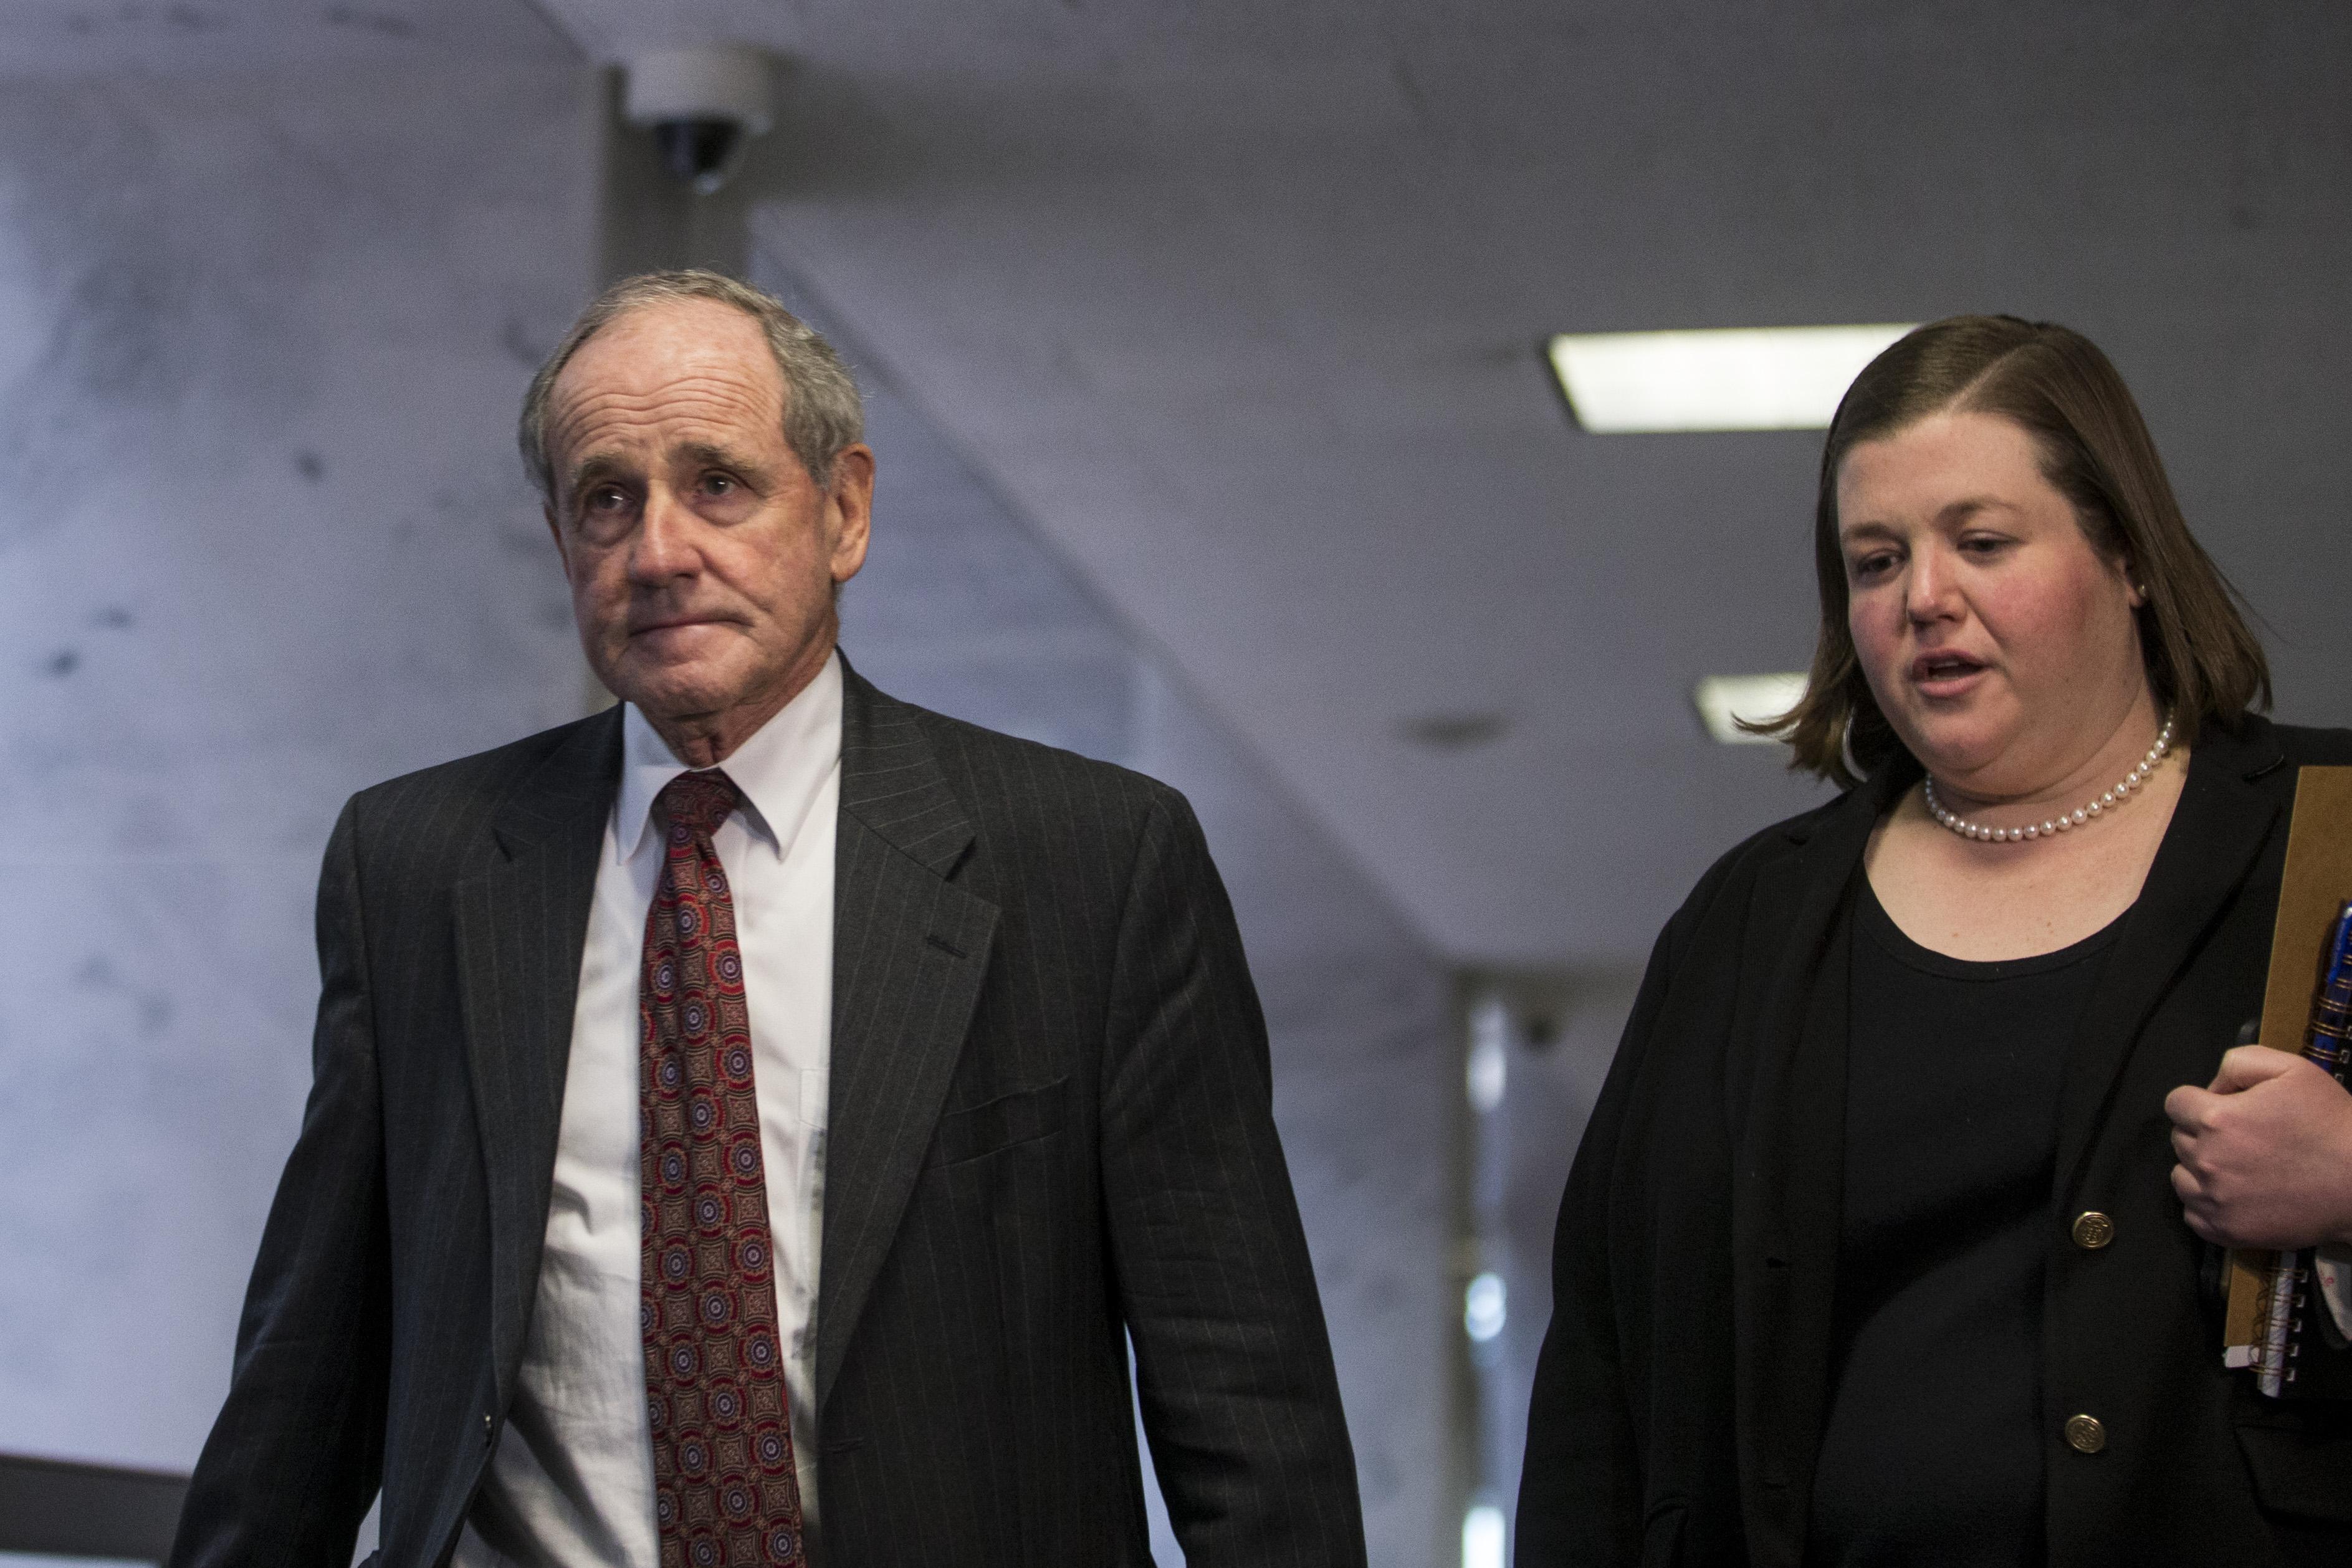 參院委員會新主席上任 特朗普對抗中共添助手